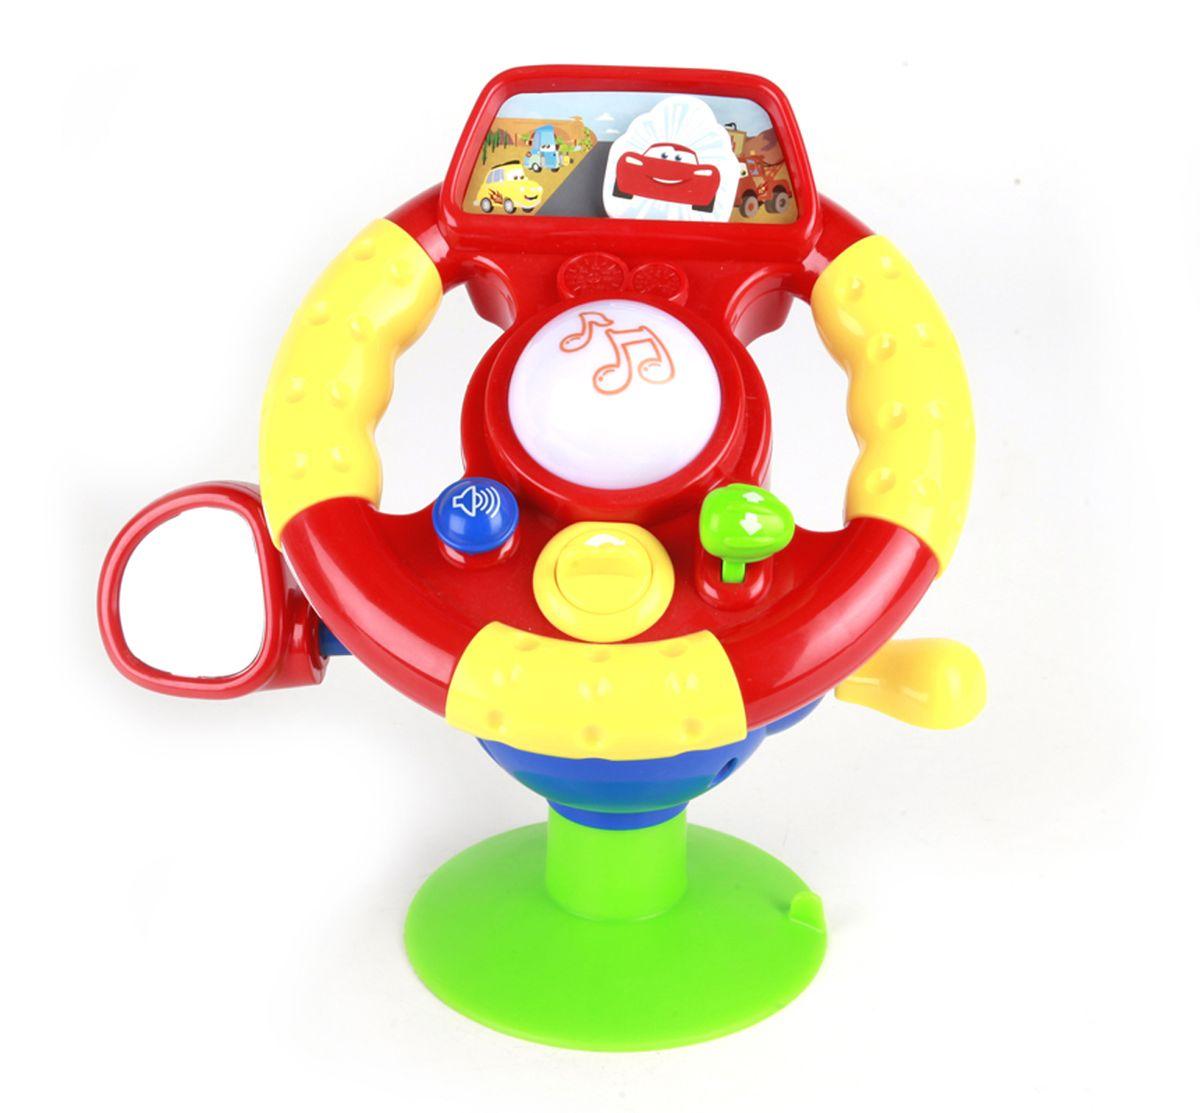 Умка Развивающий руль ТачкиB655-H05019-RU2руль для малышей на присоске. рулевое колесо можно крутить, при этом фигурка машинки за стеклом будет двигаться. множество подвижных элементов для развития мелкой моторики: зеркало, переключатель передач, замок зажигания. нажатие на клаксон активирует песню про героев м/ф и стихотворение. а, поворот замка зажигания активирует характерный звук.